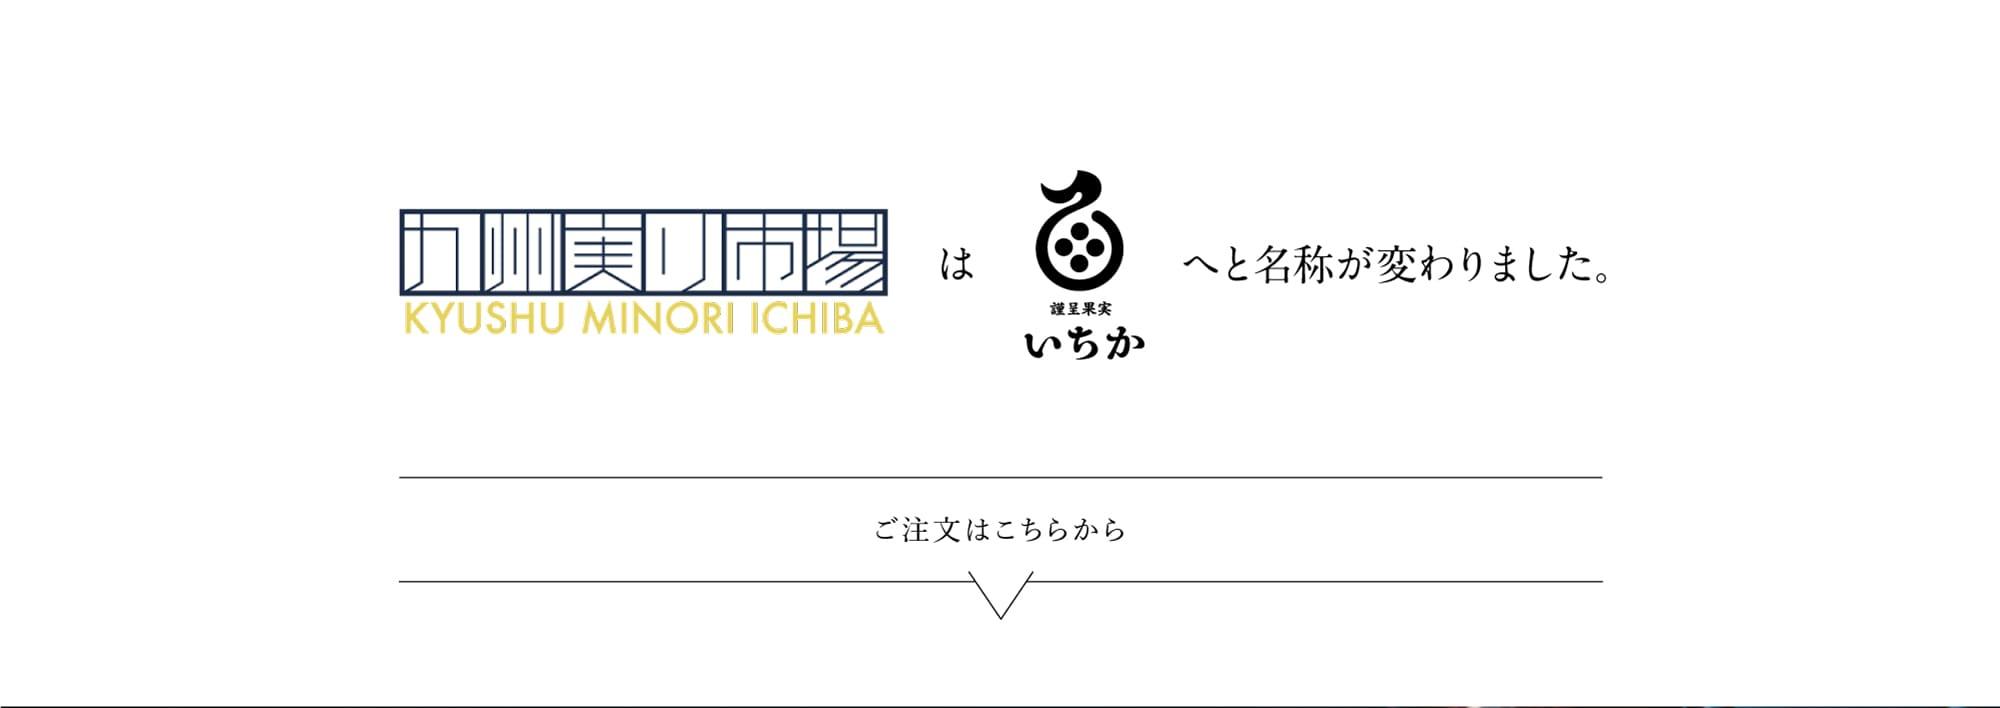 「九州実り市場」は「いちか」へと名称が変わりました。